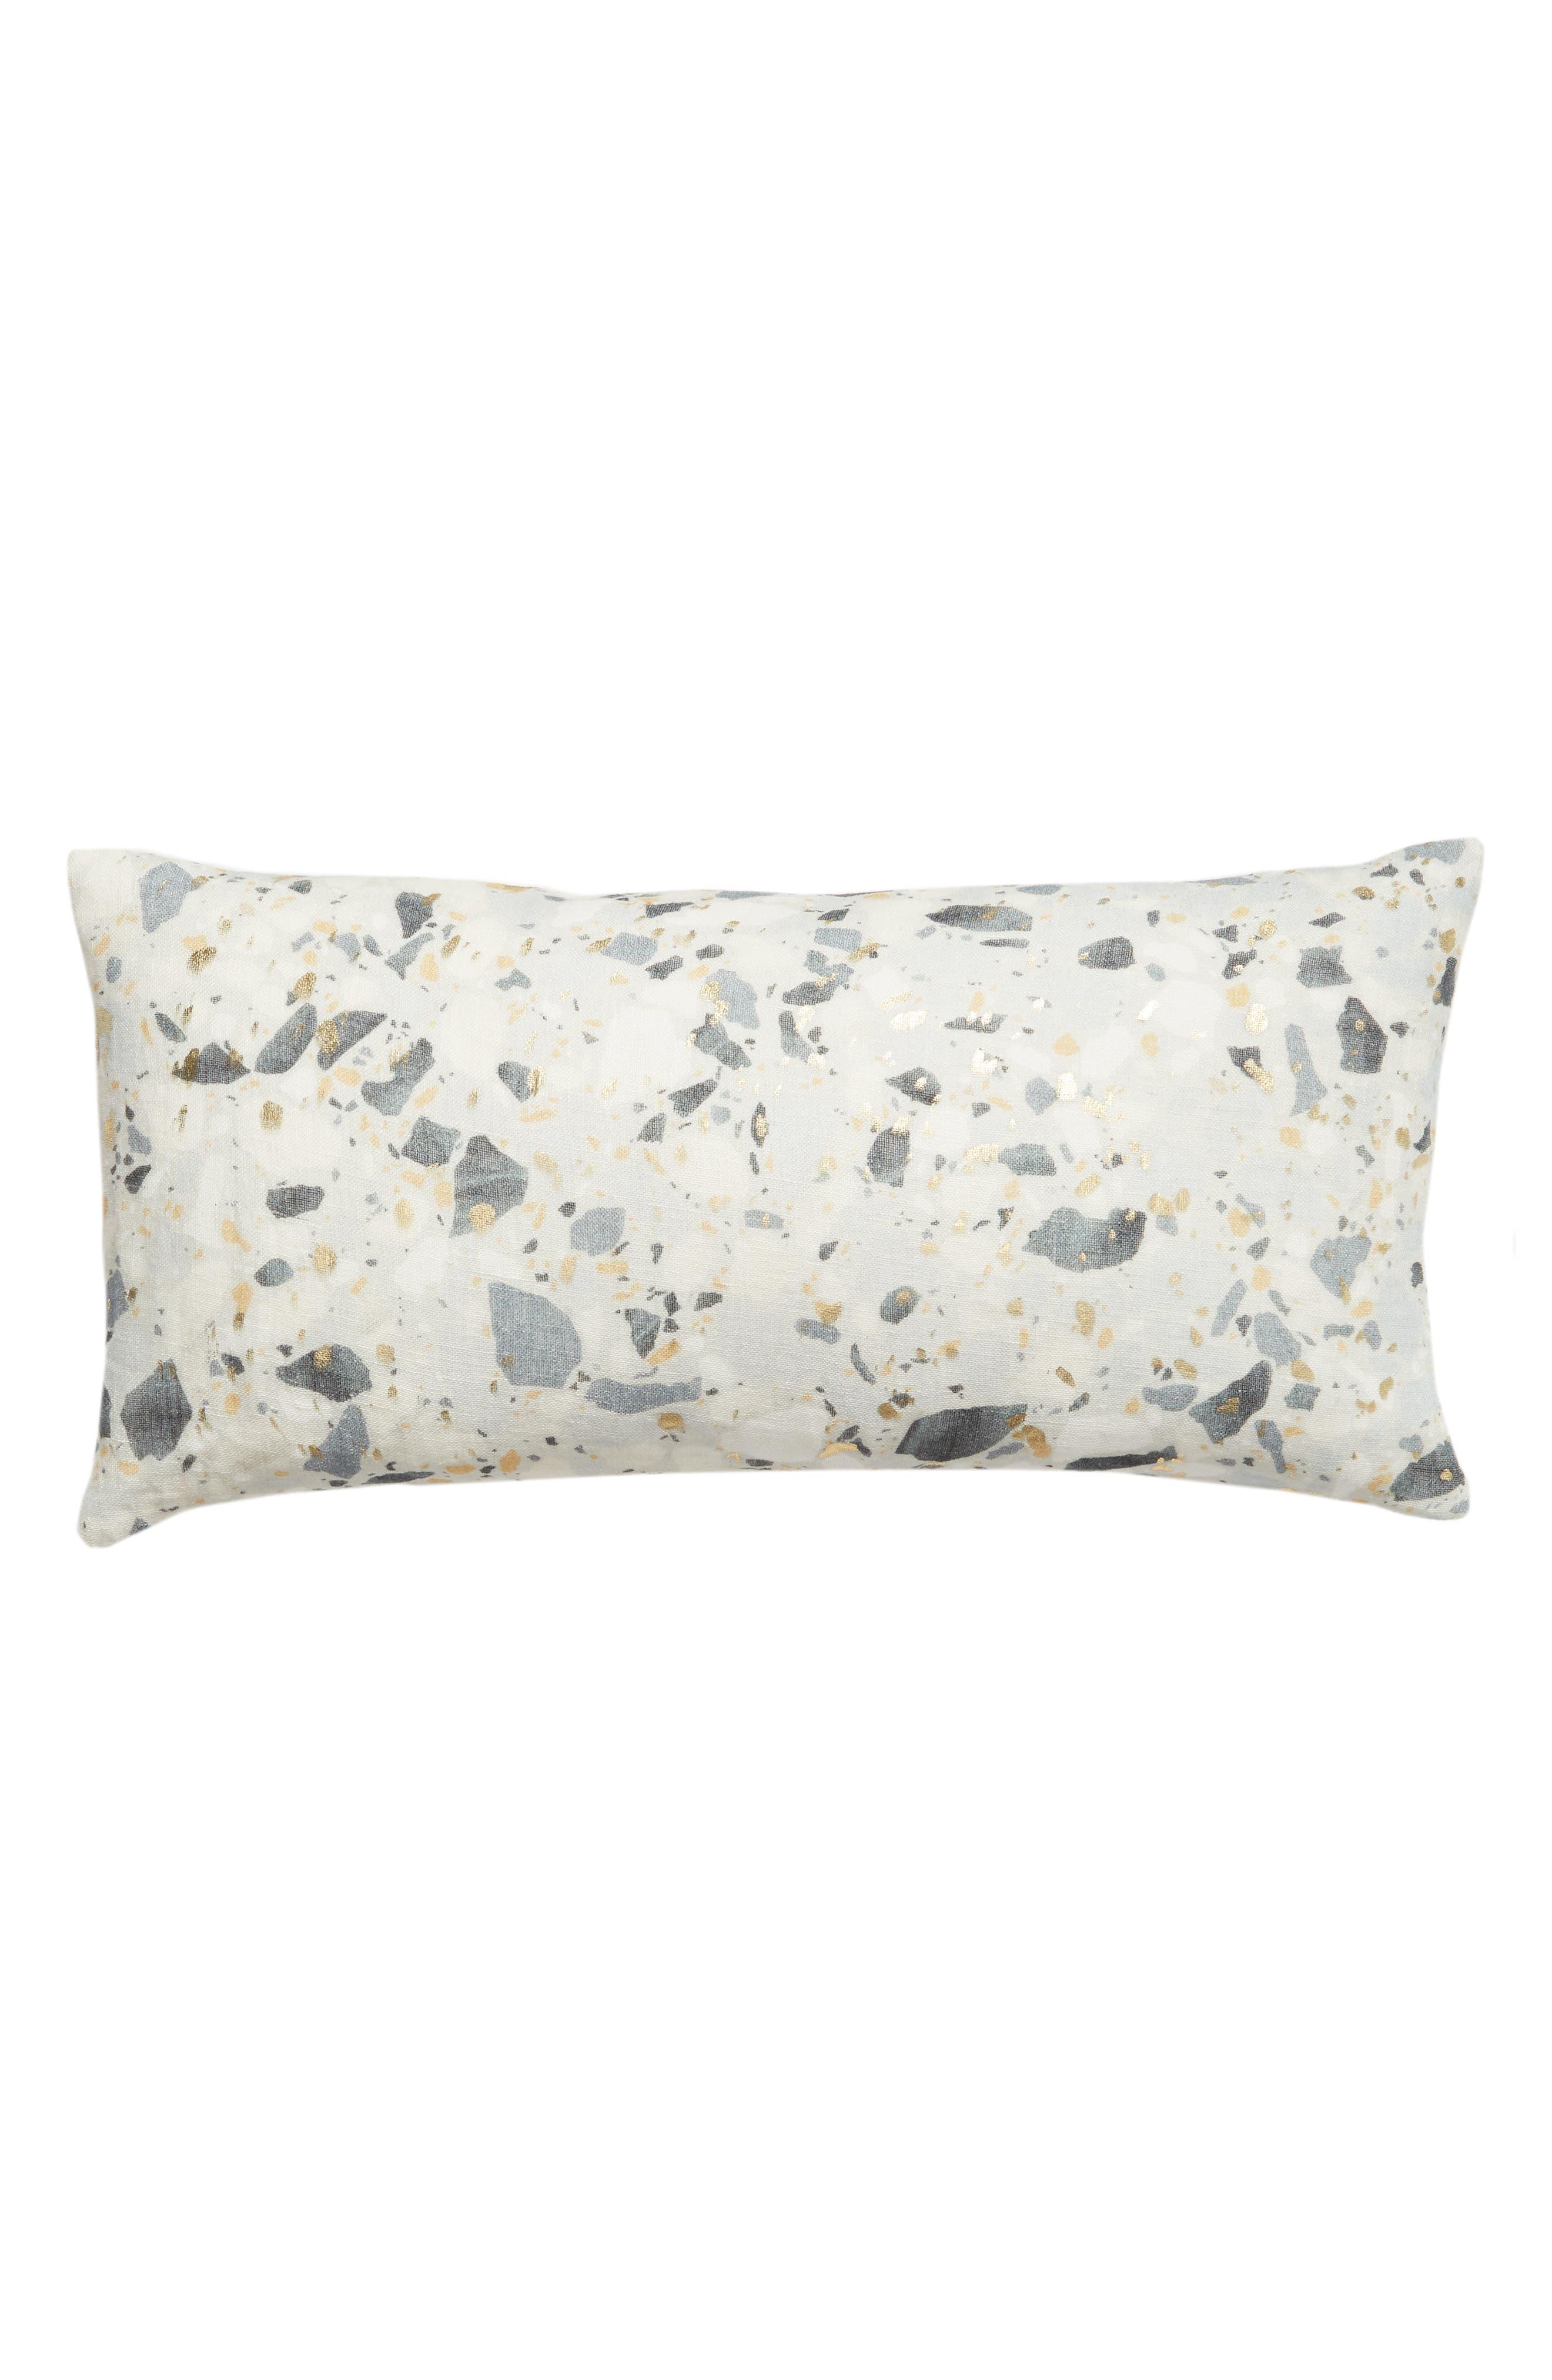 TREASURE & BOND Terazzo Metallic Accent Pillow, Main, color, GREY SILK MULTI